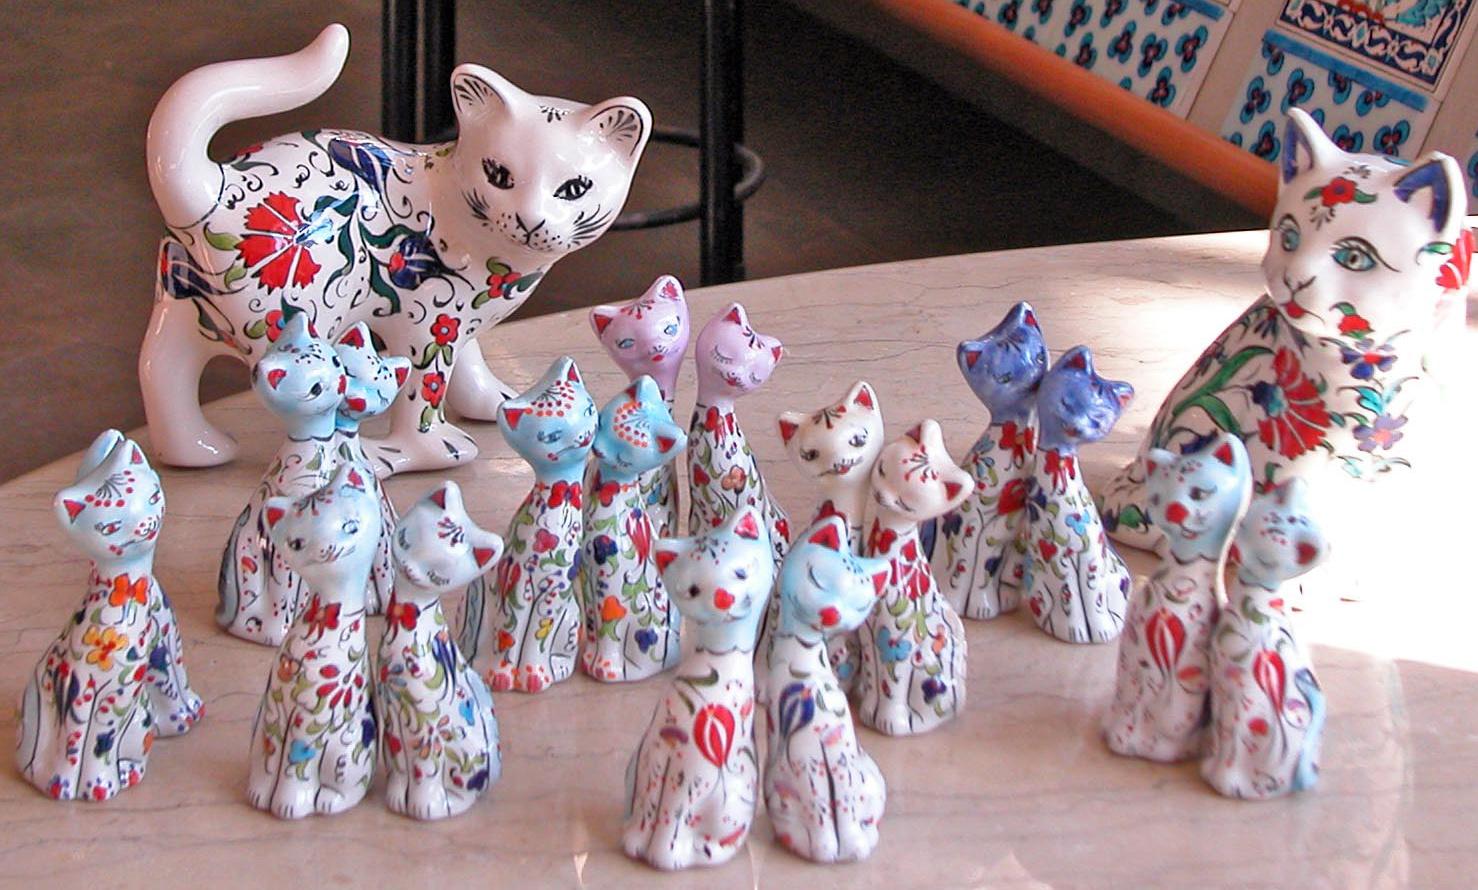 Çiniden ve Seramikten Yapılmış Desenli Motifli Büyük ve Küçük Kediler İkiz Kediler Sevgili Kediler el yapımı çini hayvan heykelleri figürleri resimleri görselleri şekilleri yaratıcı dan yansıyan güzellik hayvan görselleri